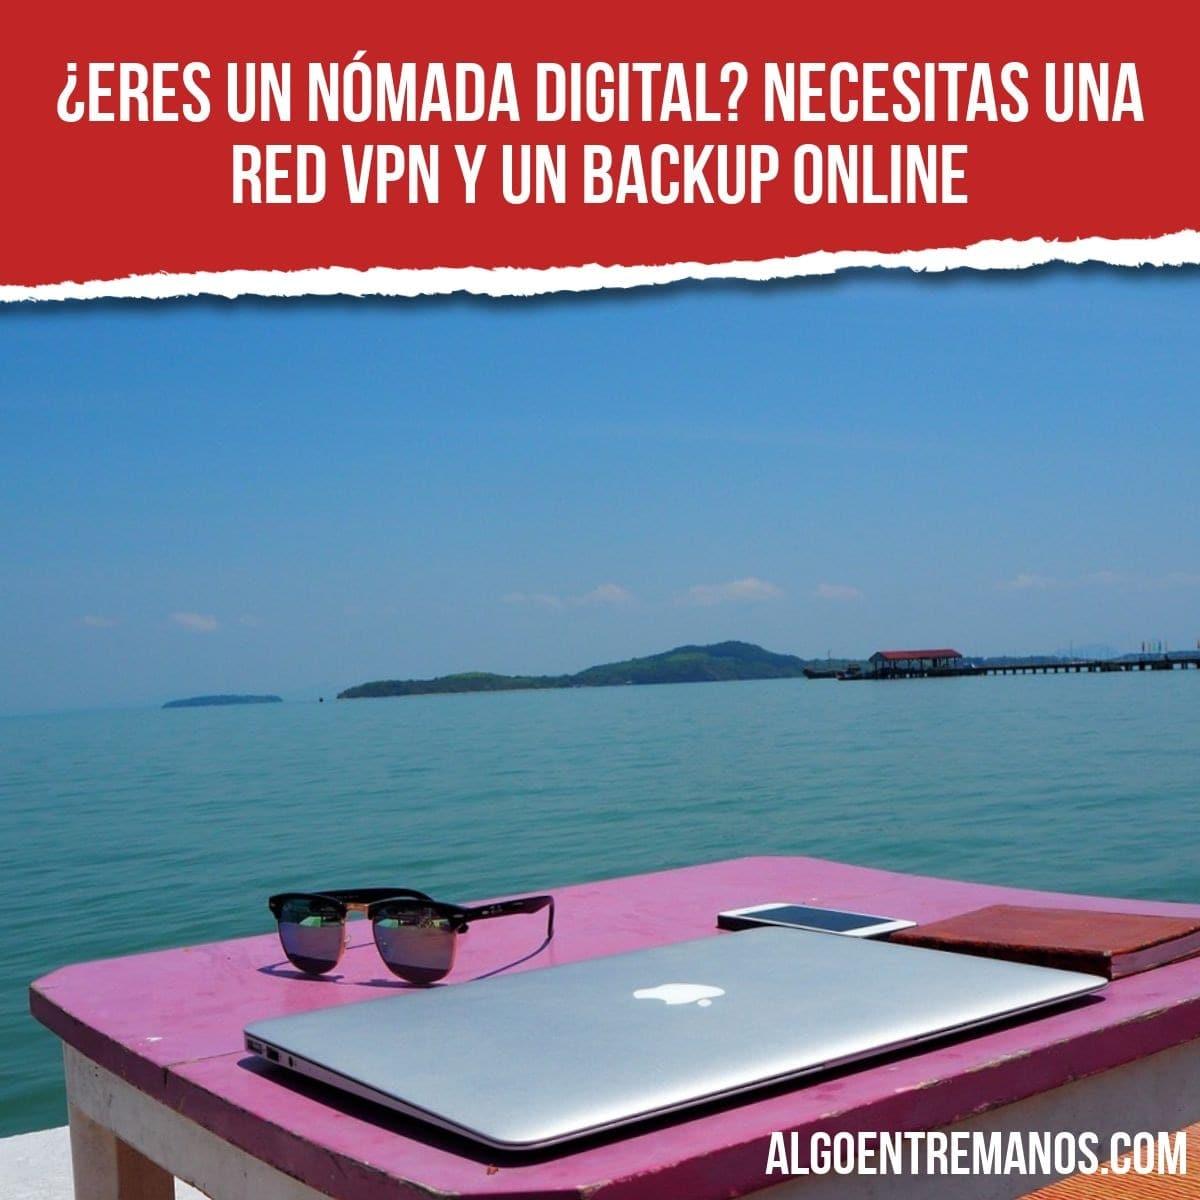 ¿Eres un nómada digital? Necesitas una red VPN y un backup online